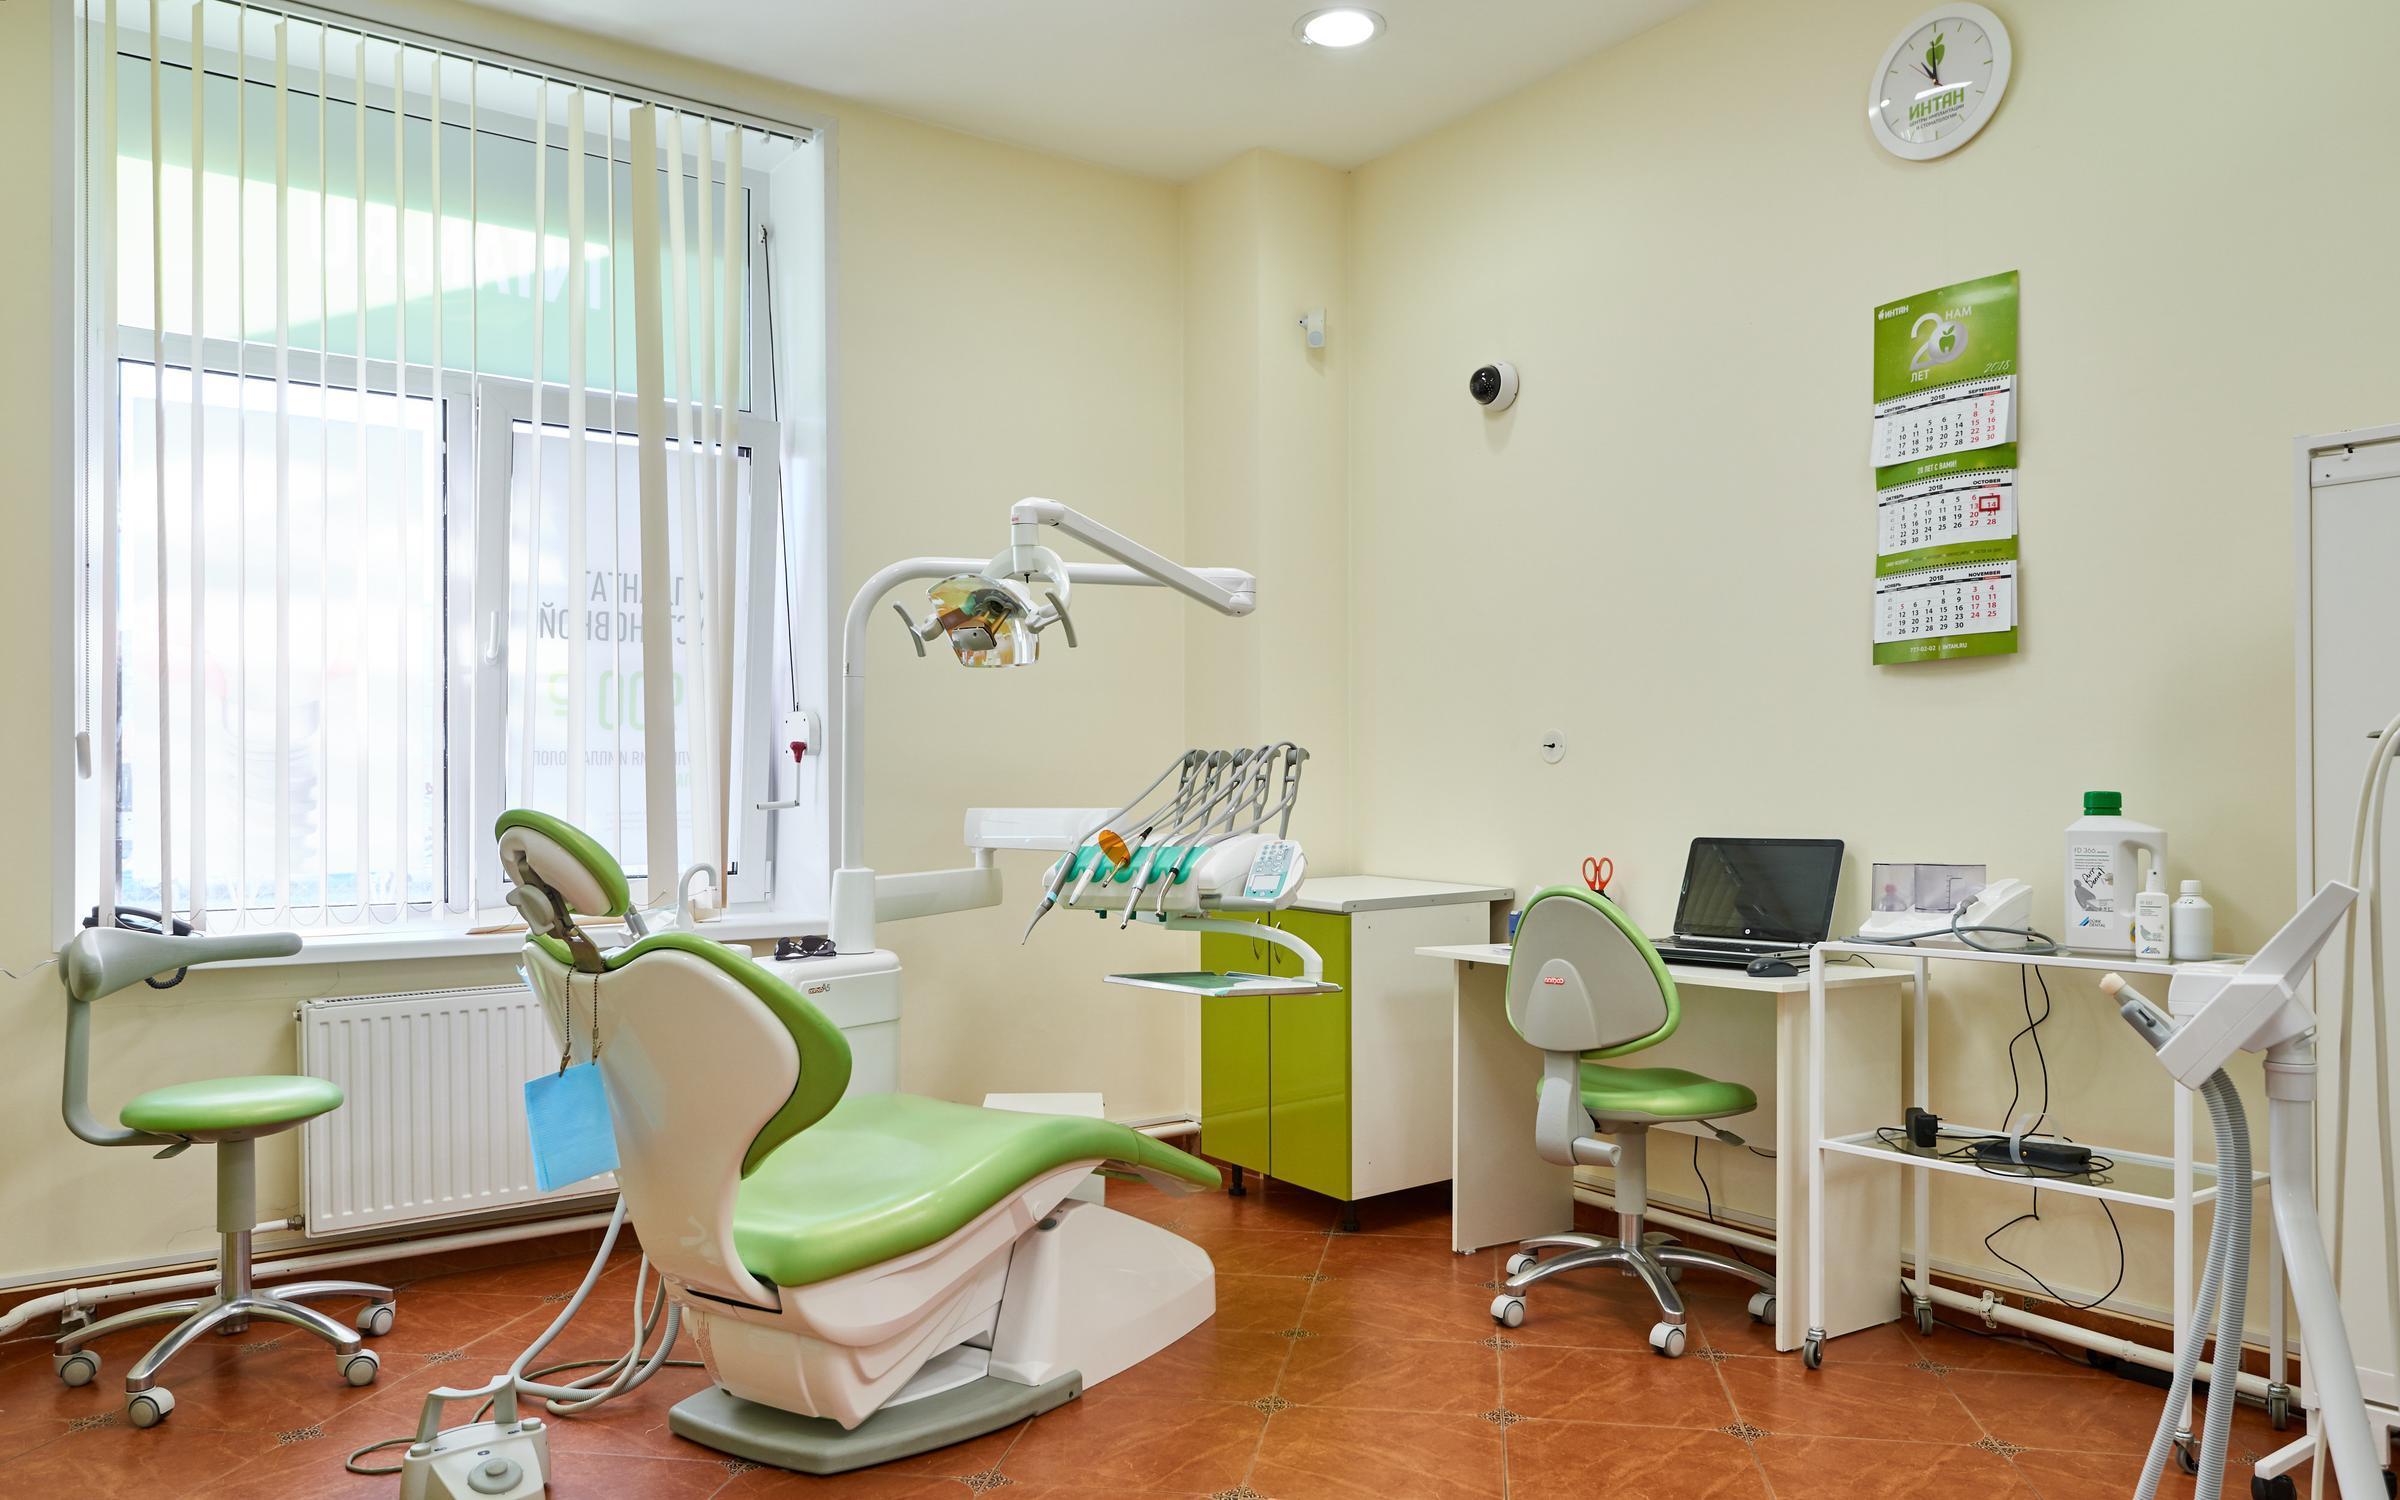 фотография Центра имплантации и стоматологии Интан на Российском проспекте